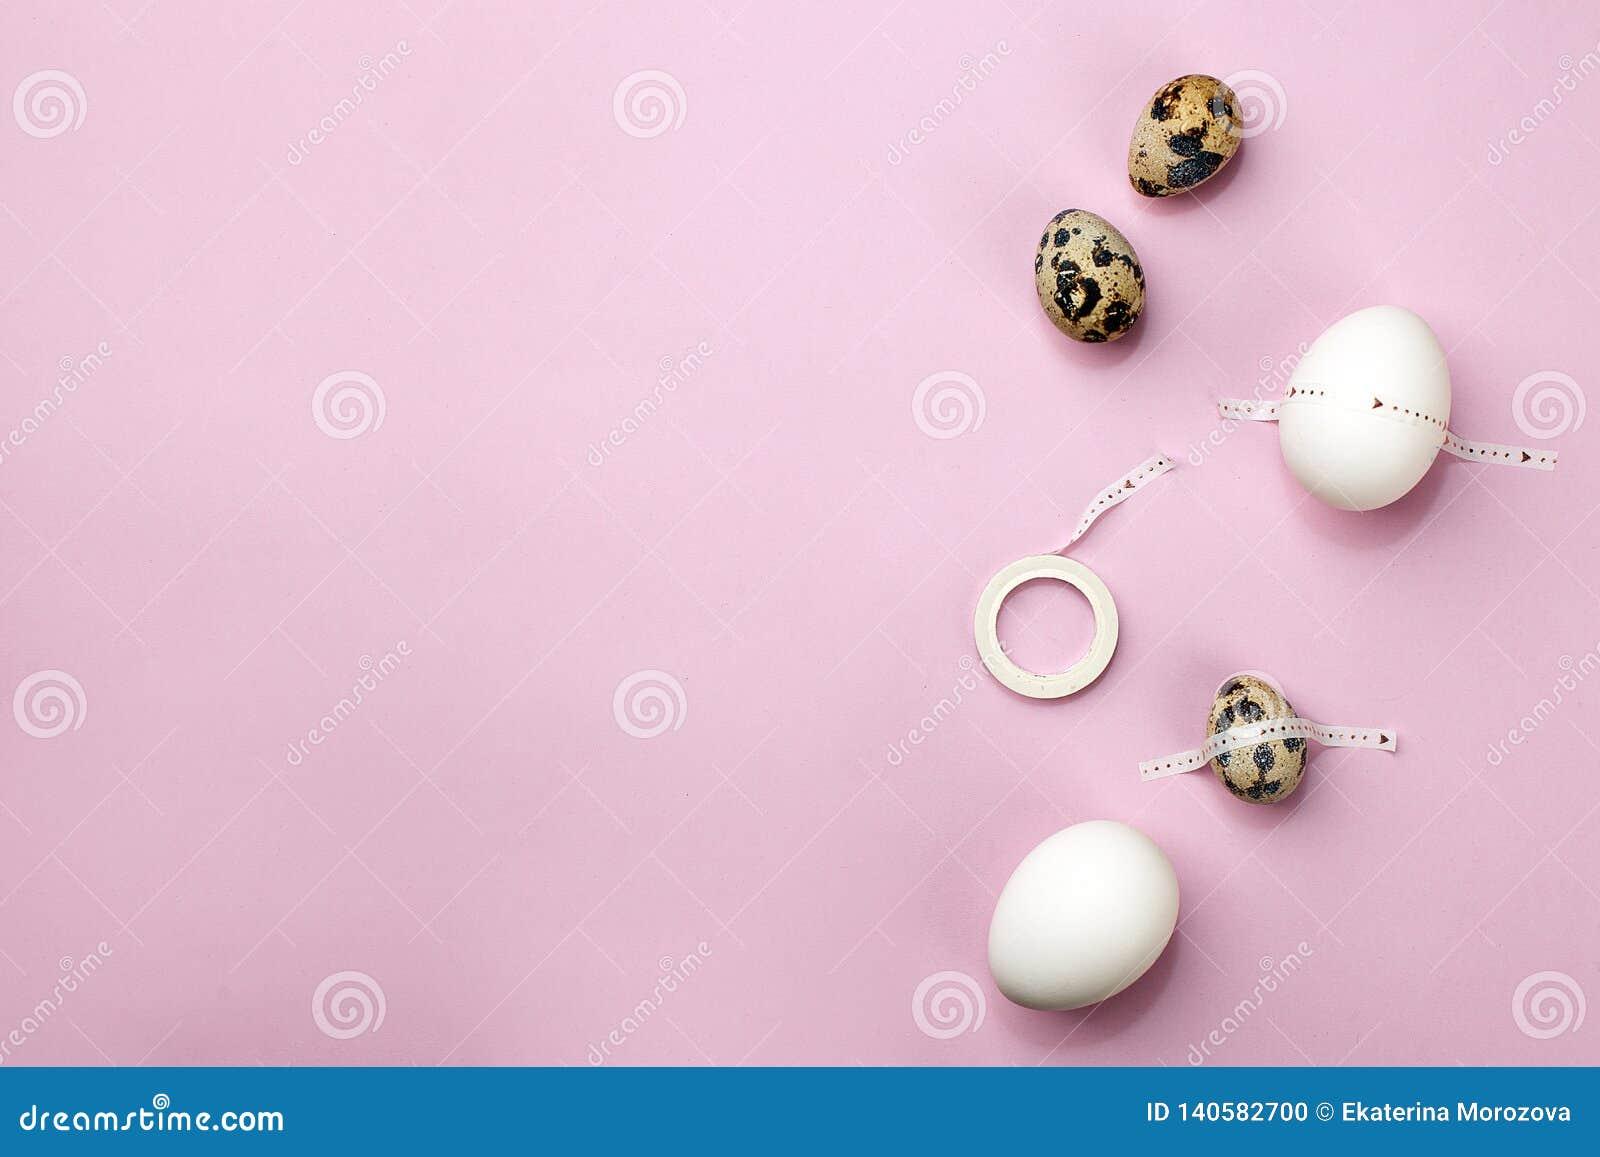 Kort för påskvibesferie modern konst Fira påsktradition Ställ in av ägg med tejpen på rosa purpurfärgad bakgrund, minsta